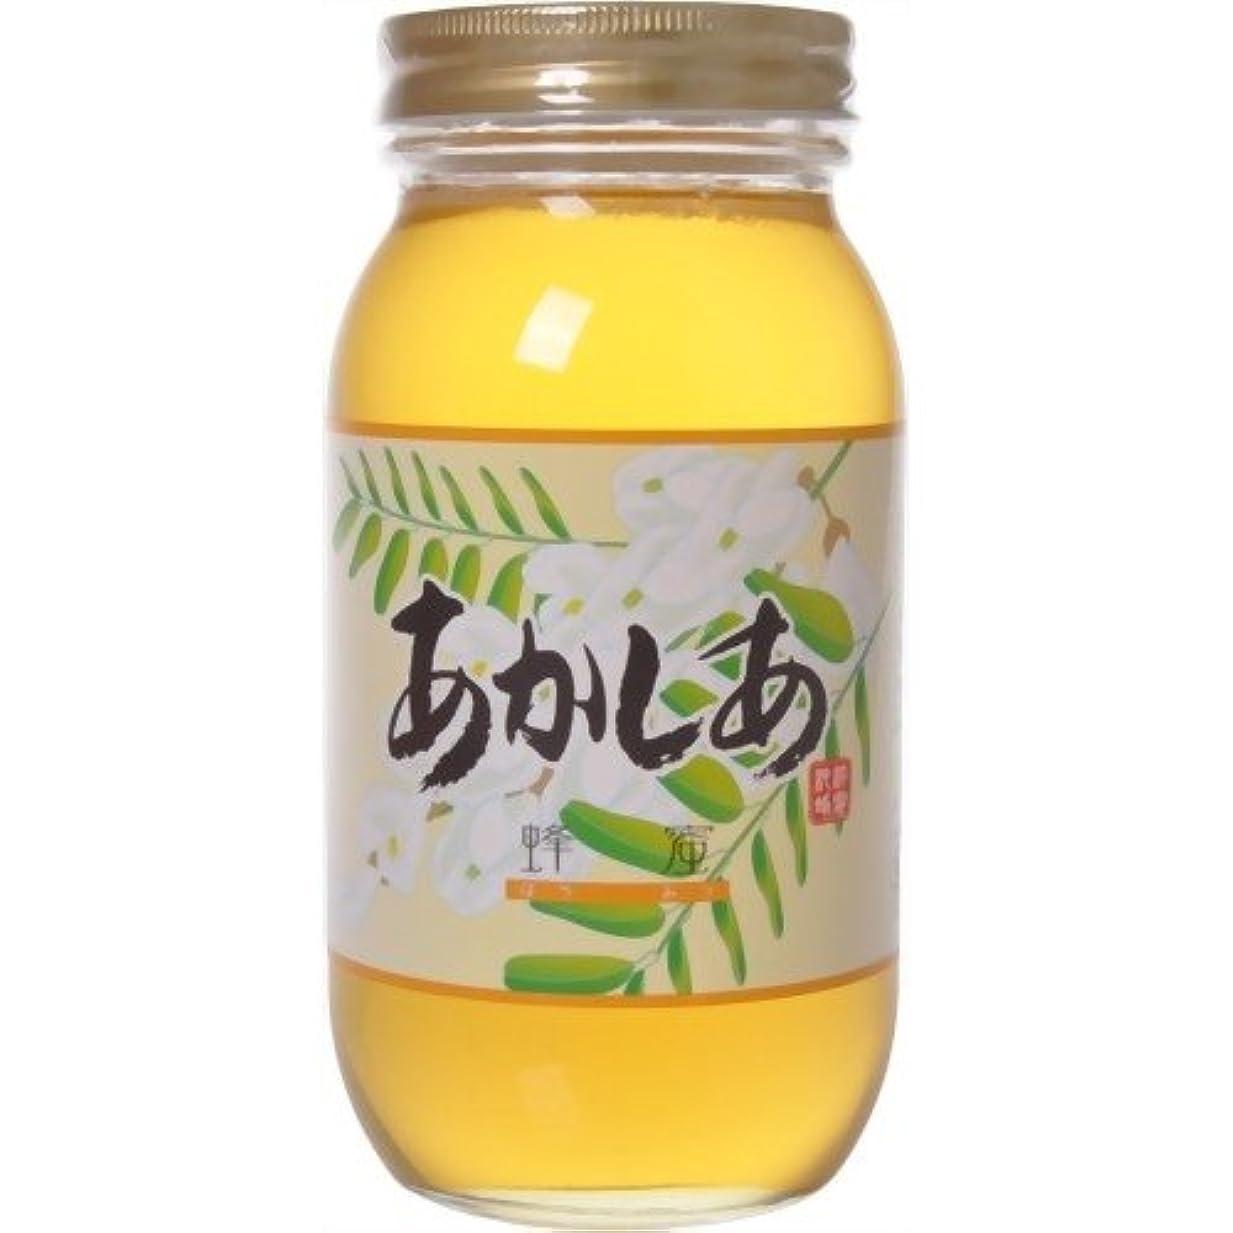 希少性ミュージカル淡い藤井養蜂場 中国産アカシアはちみつ 1kg